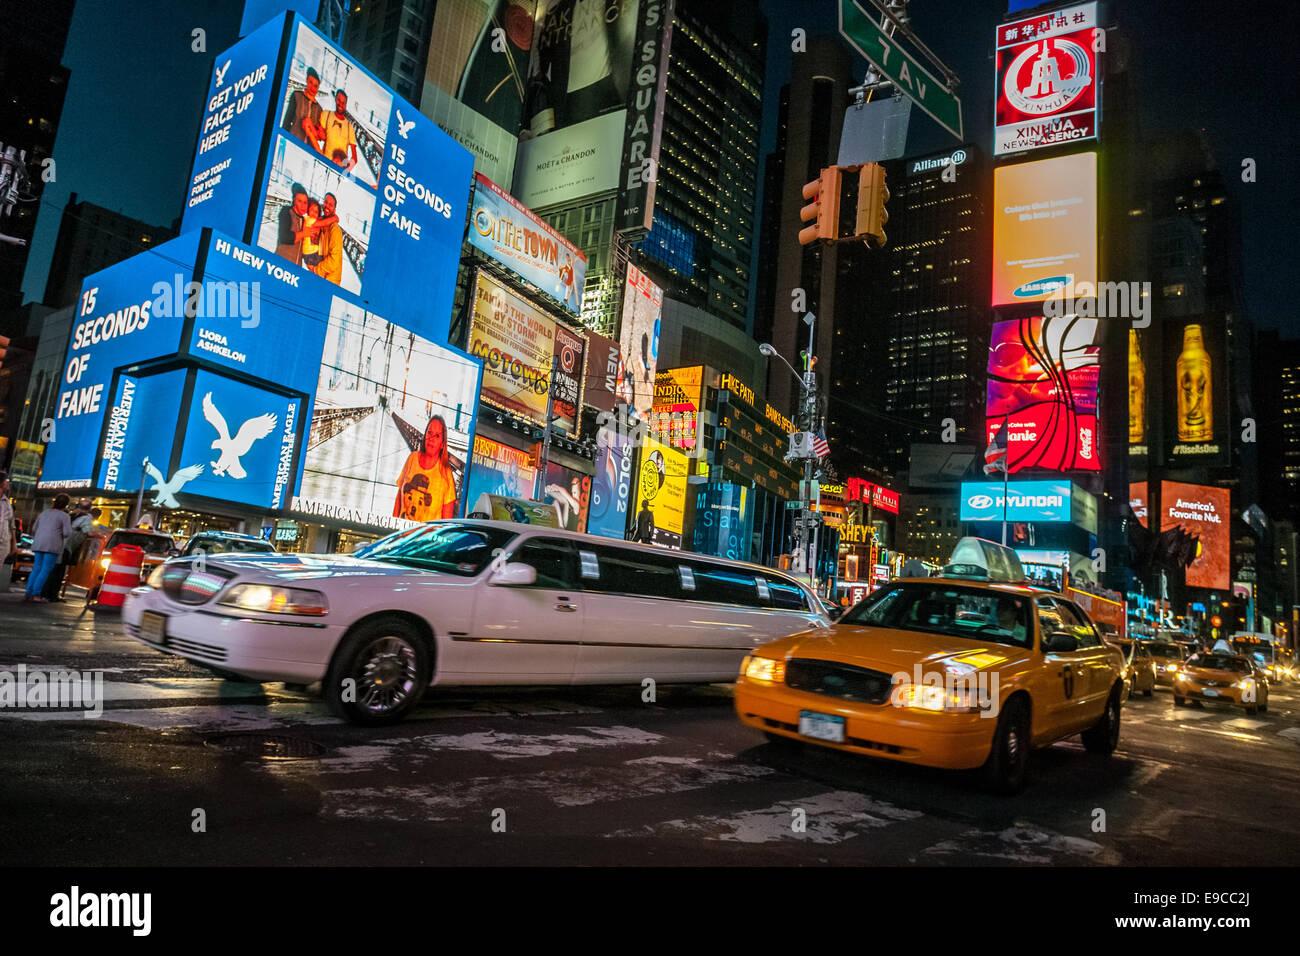 une limousine et un taxi jaune vitesse dans times square new york city la nuit banque d. Black Bedroom Furniture Sets. Home Design Ideas